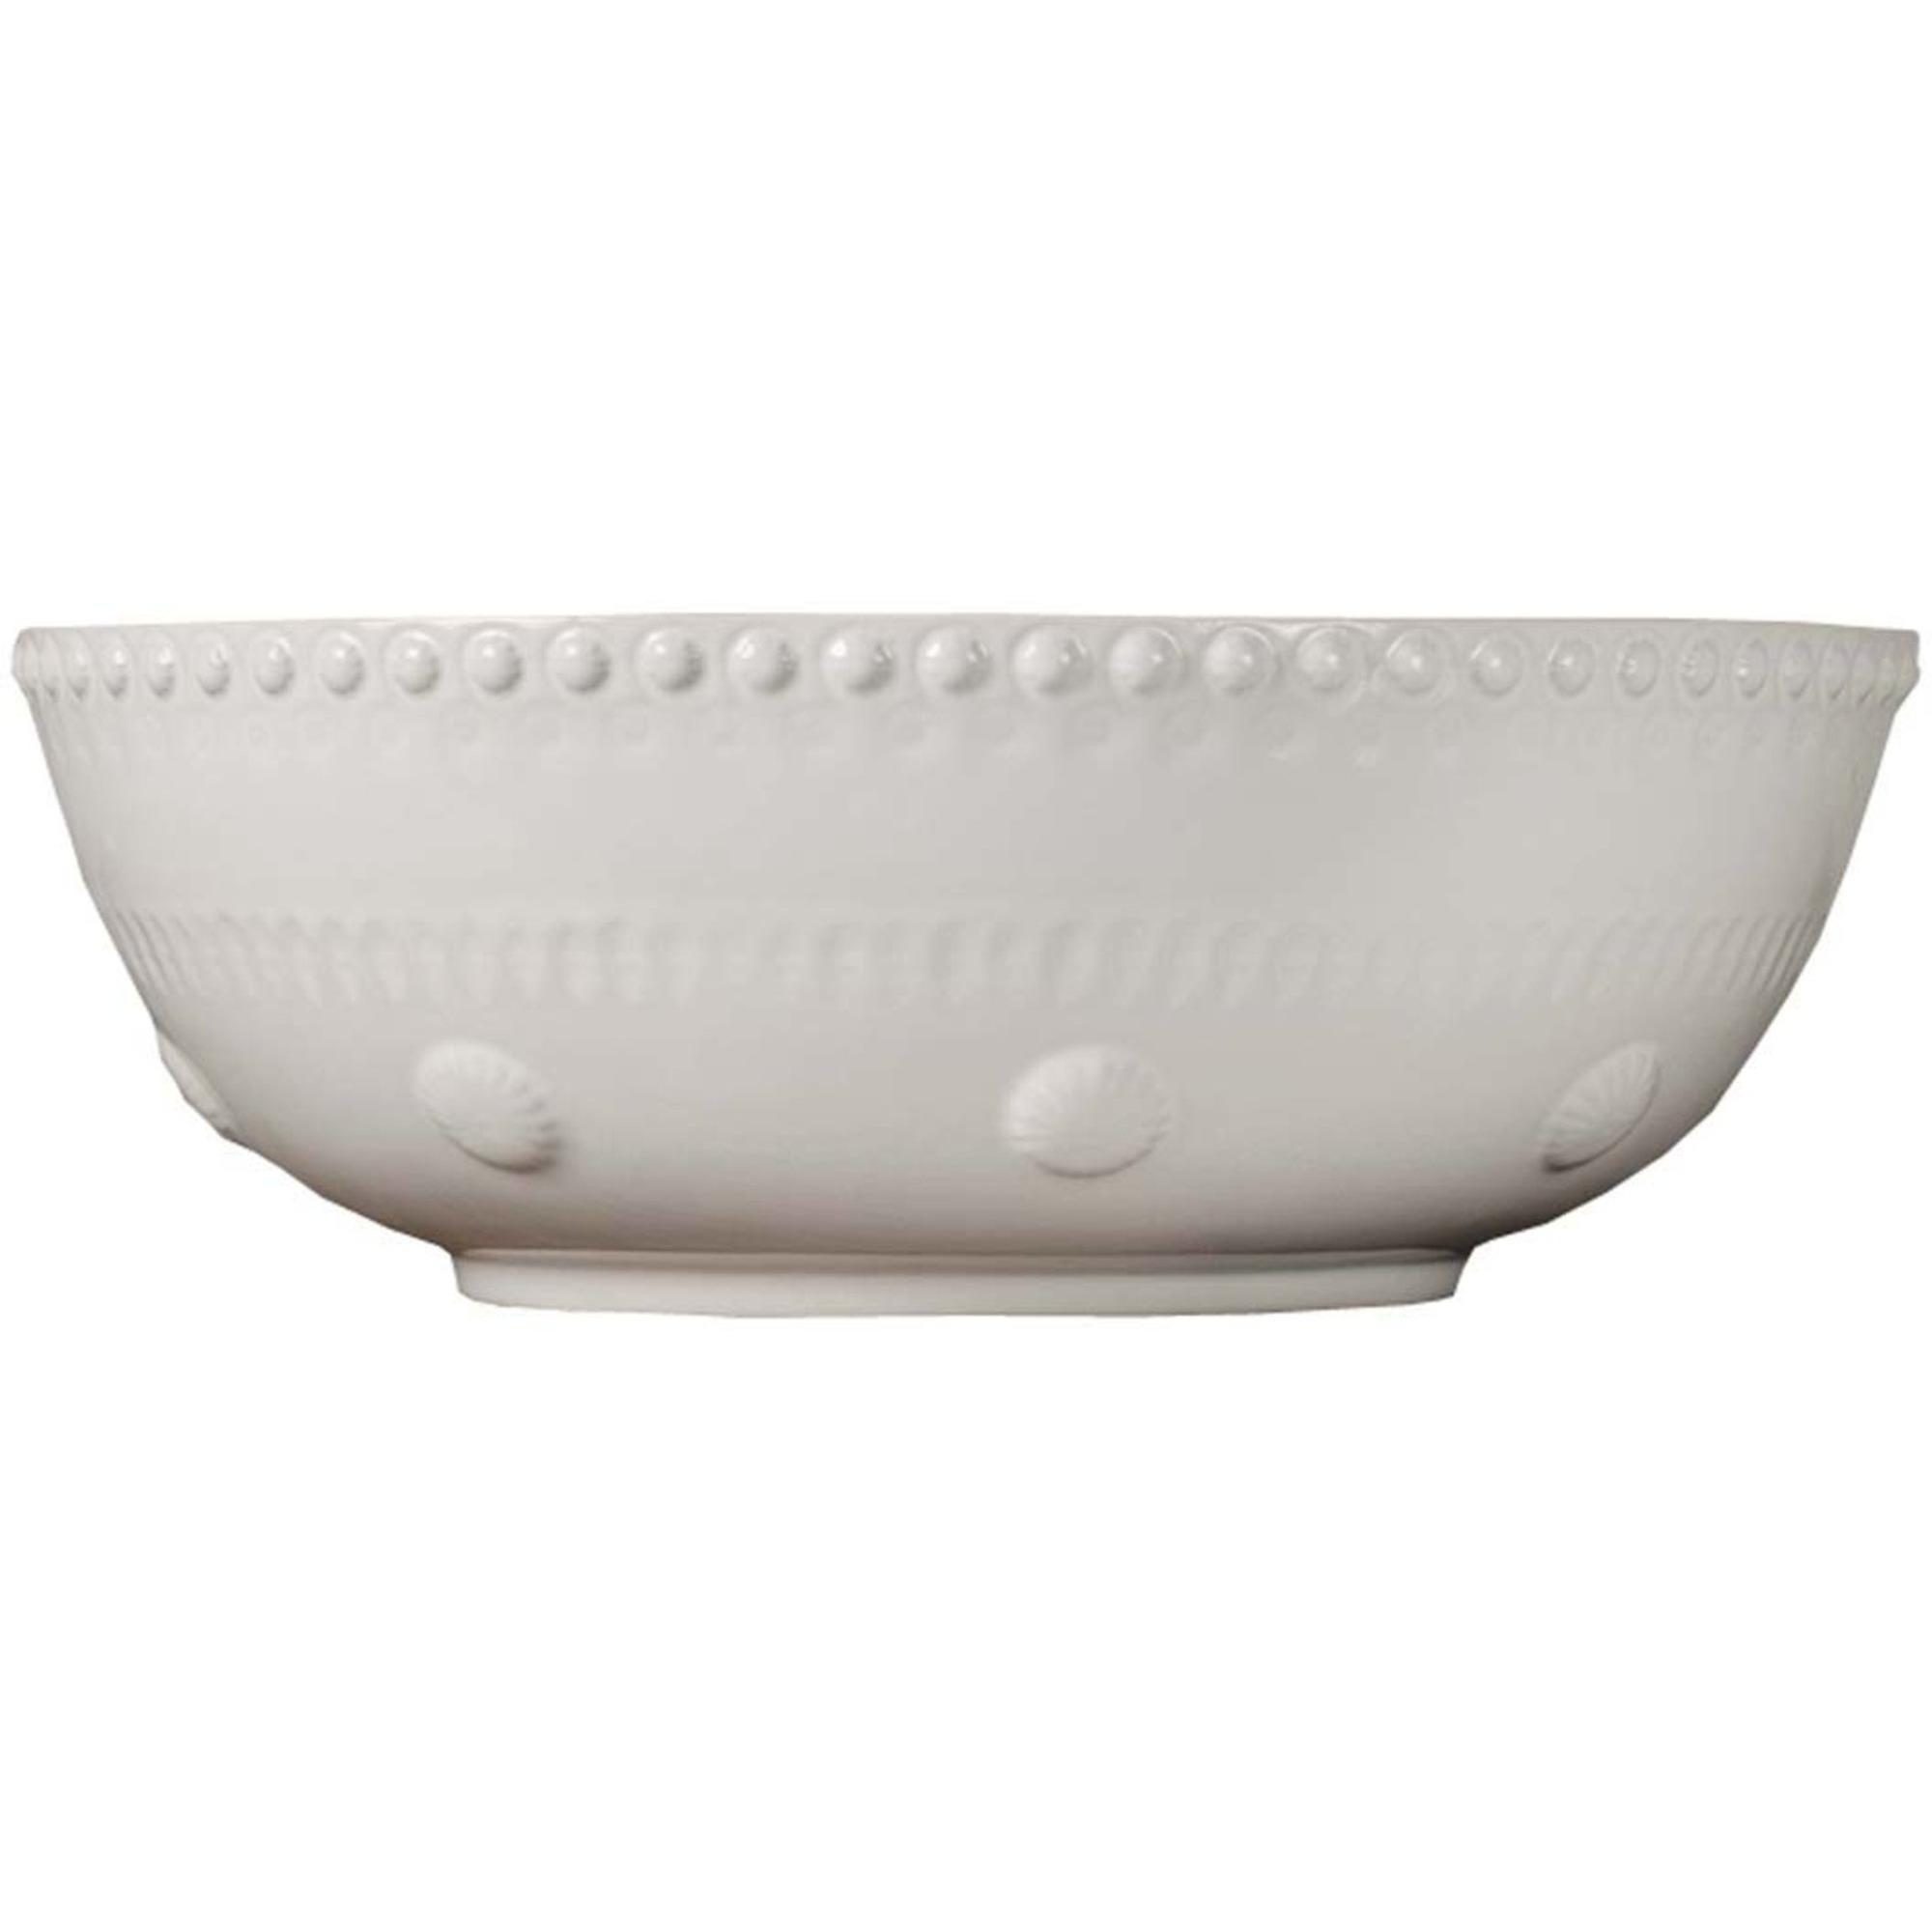 PotteryJo Daisy Salladsskål 30 cm Kit